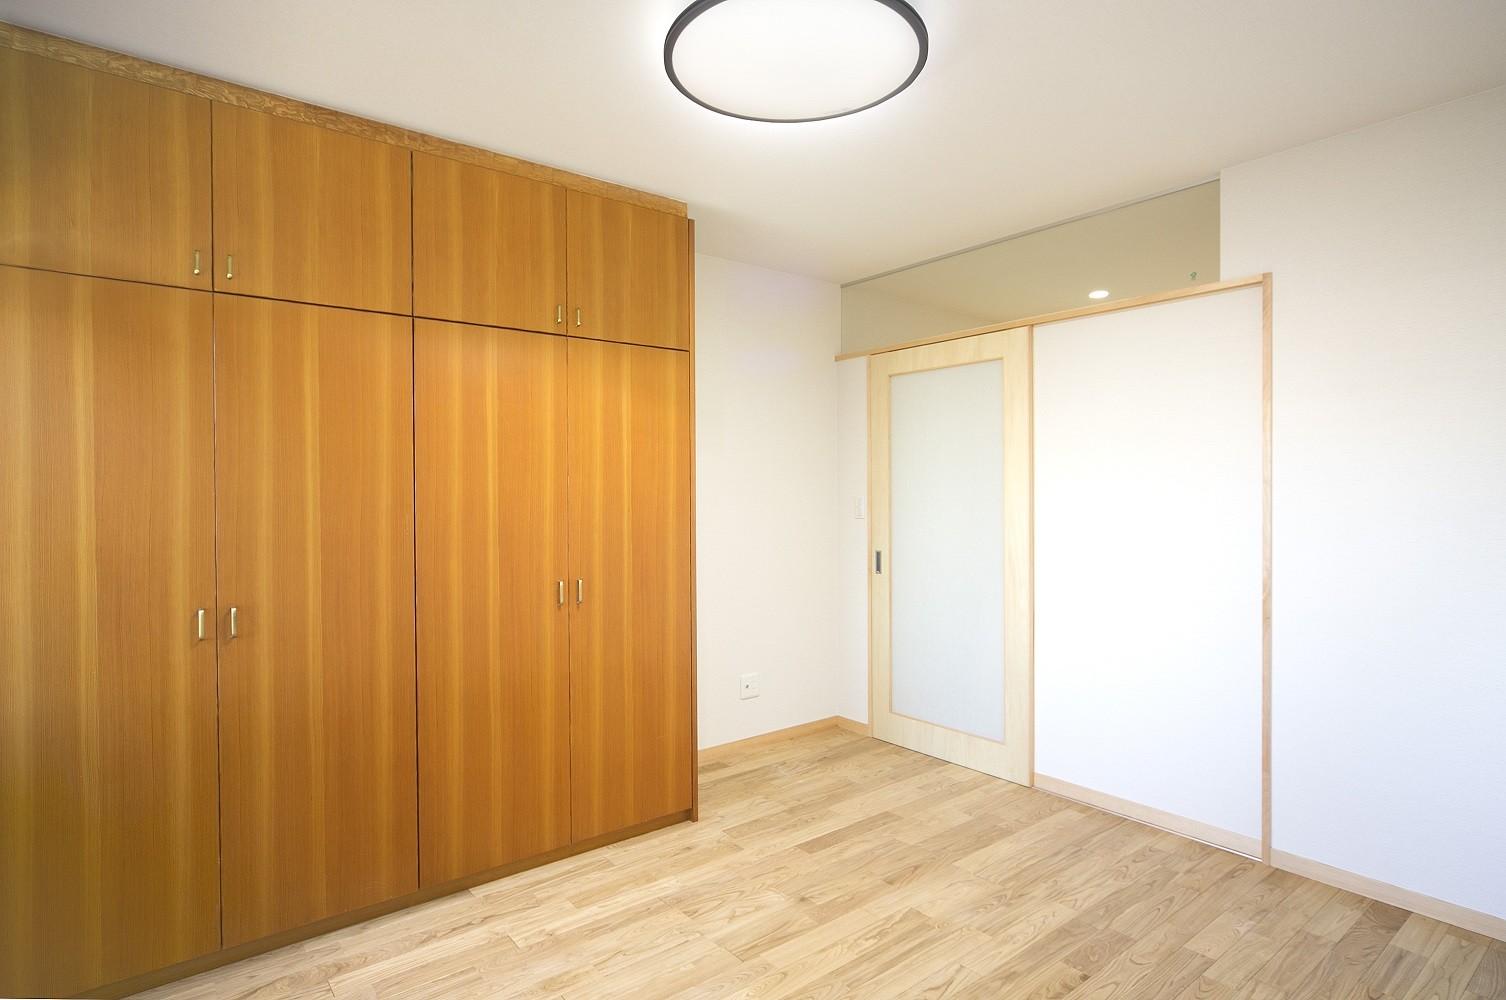 その他事例:寝室(ベッドルーム)(ホームエレベーターがあるバリアフリー住宅|遮音・防音構造の住宅(ガレージハウス))